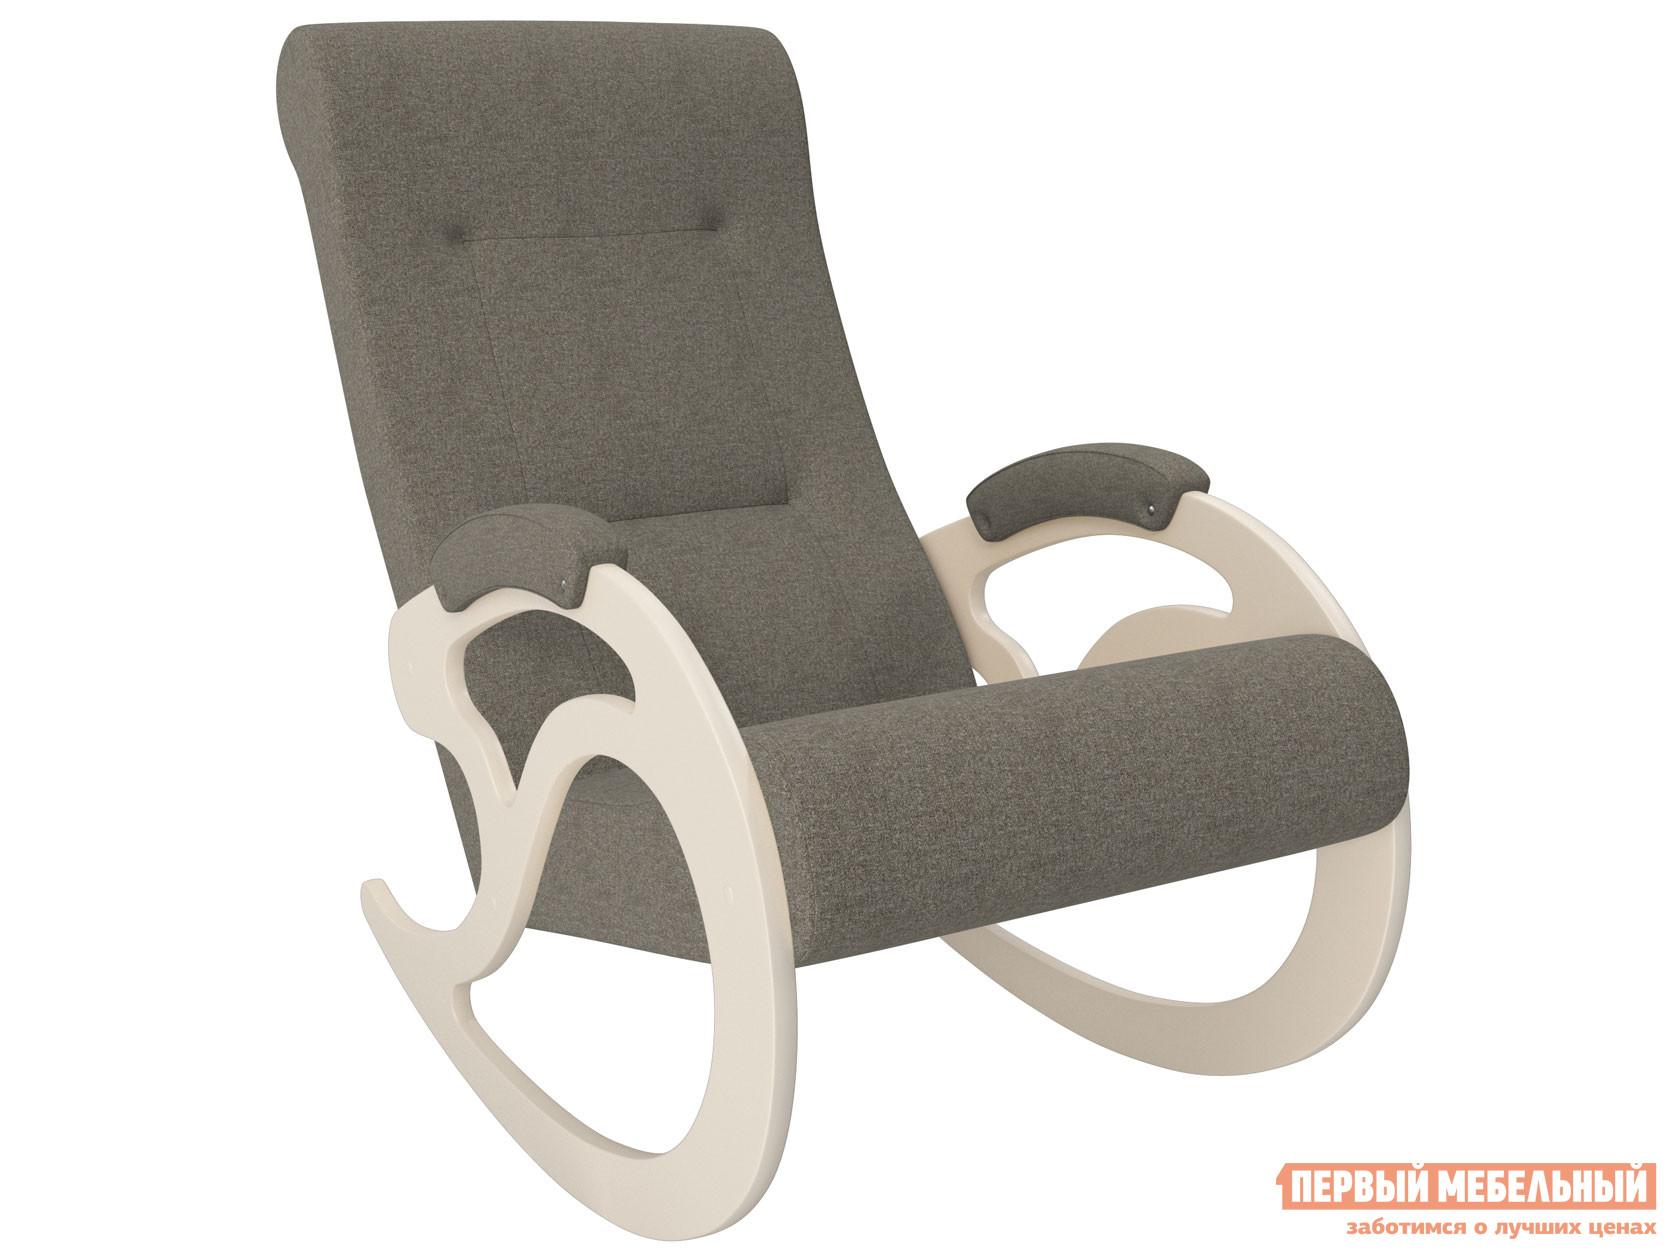 Кресло-качалка Мебель Импэкс Кресло-качалка Комфорт Модель 5 кресло качалка мебель импэкс кресло качалка складное белтех